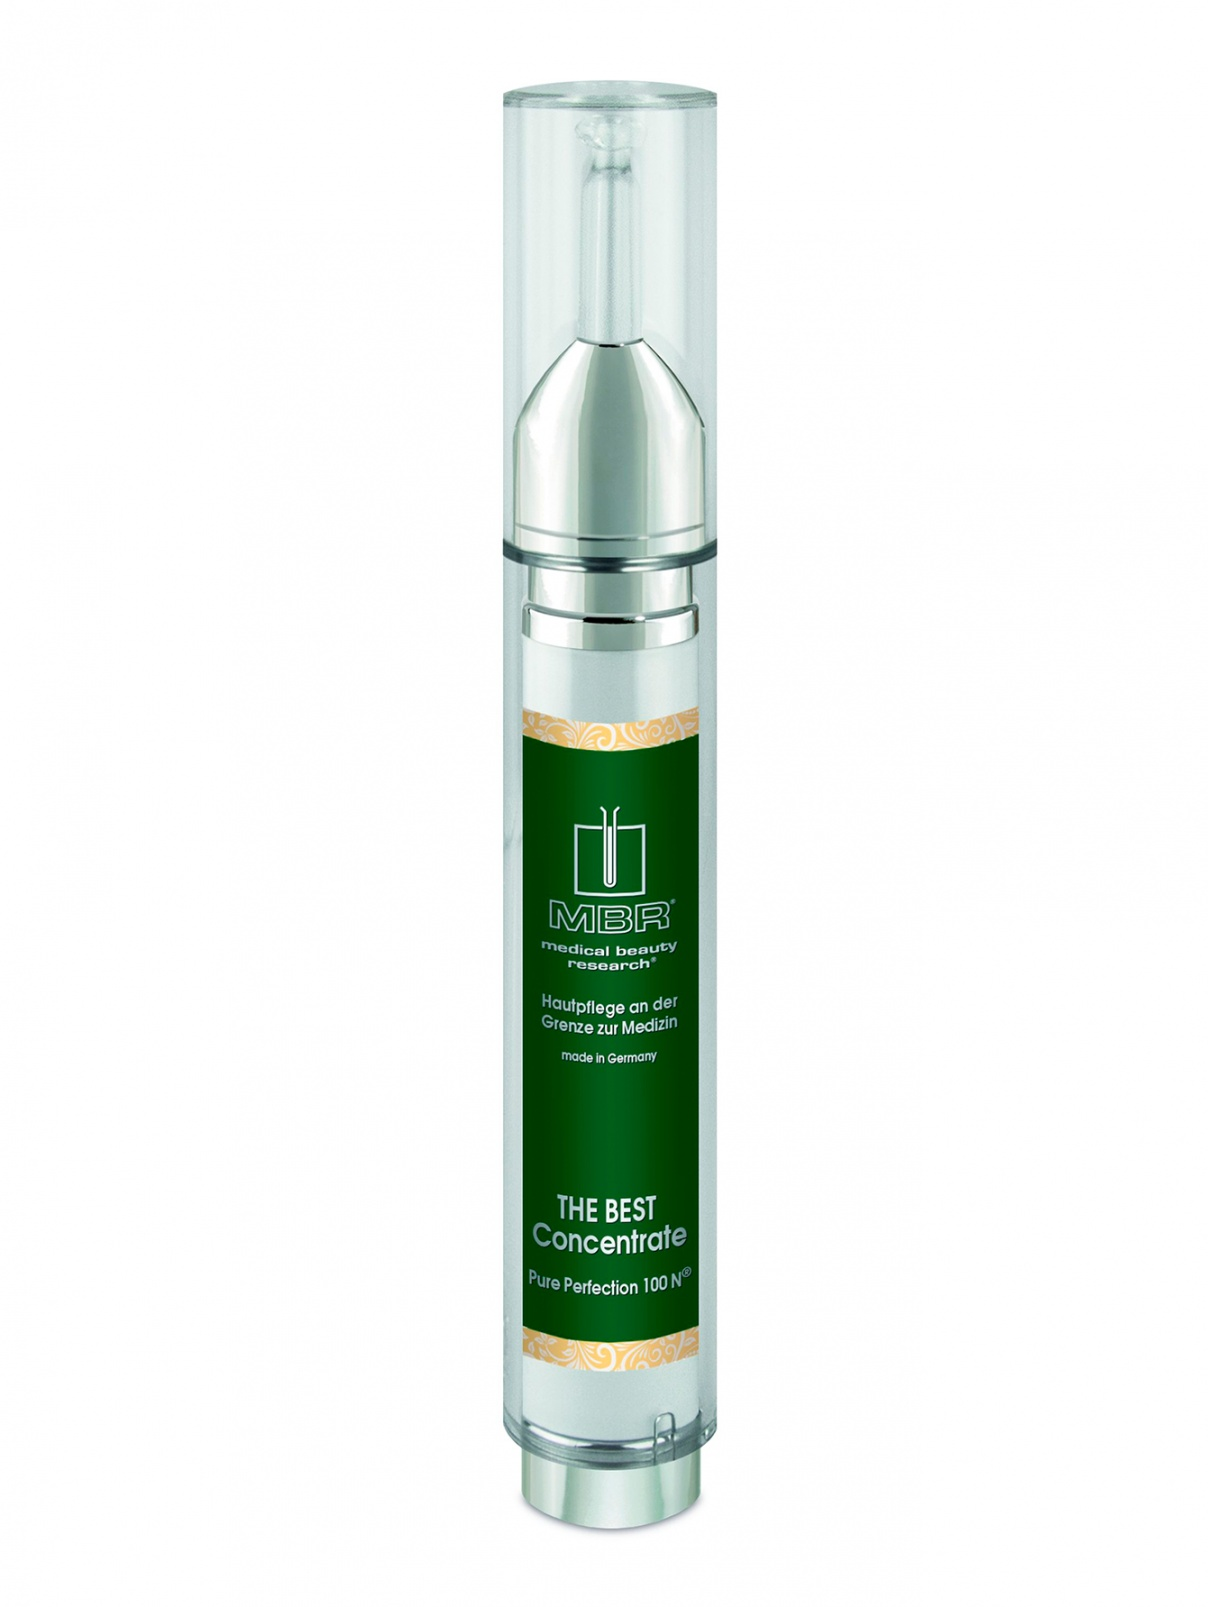 Сыворотка для лица абсолютное совершенство 15 мл Skin Care Medical Beauty Research  –  Общий вид